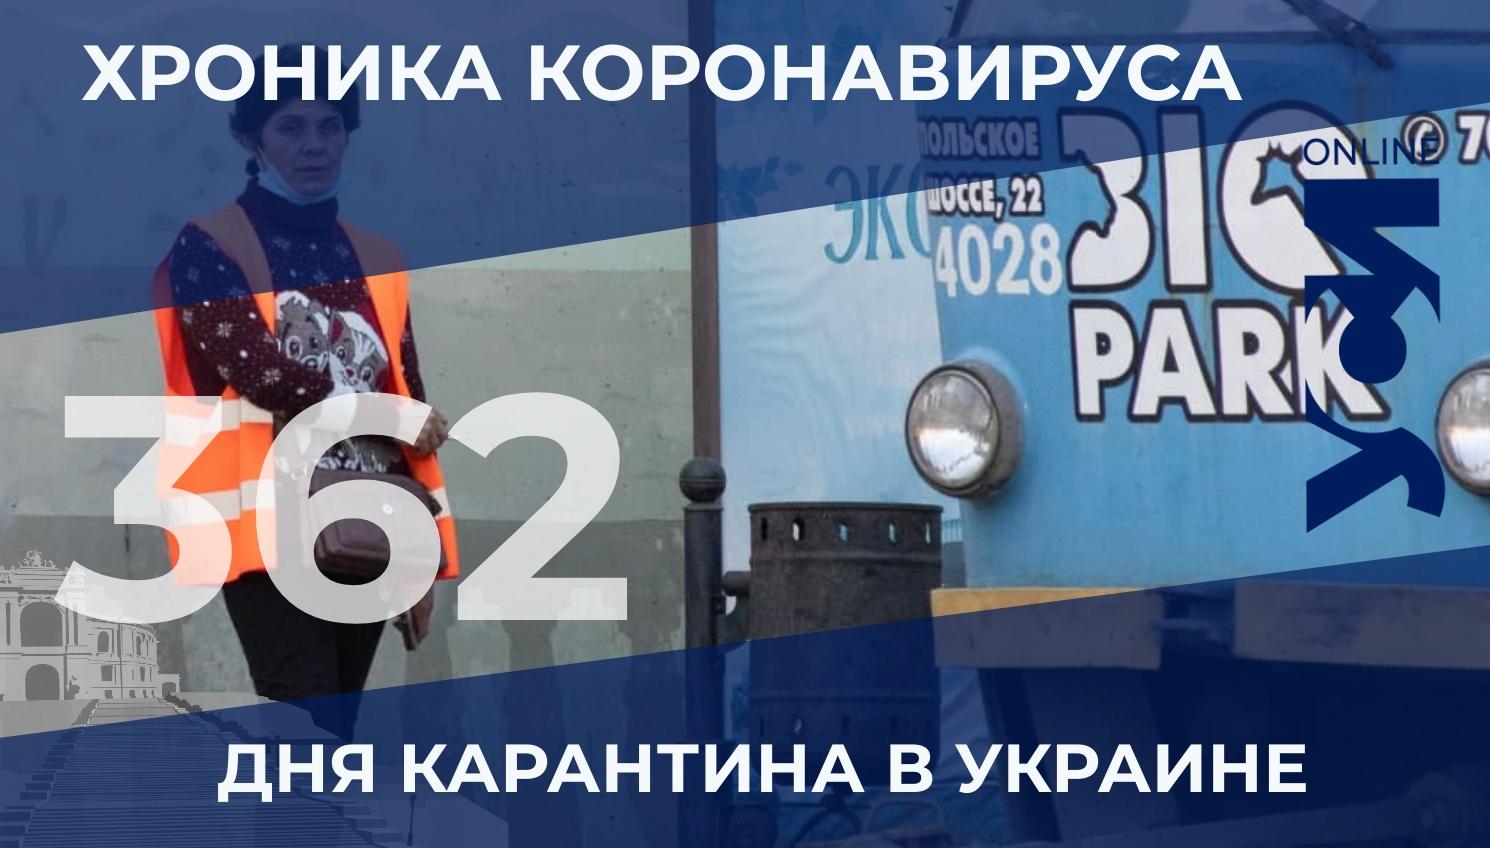 Хроника коронавируса: в Одесской области — 298 заболевших за сутки «фото»